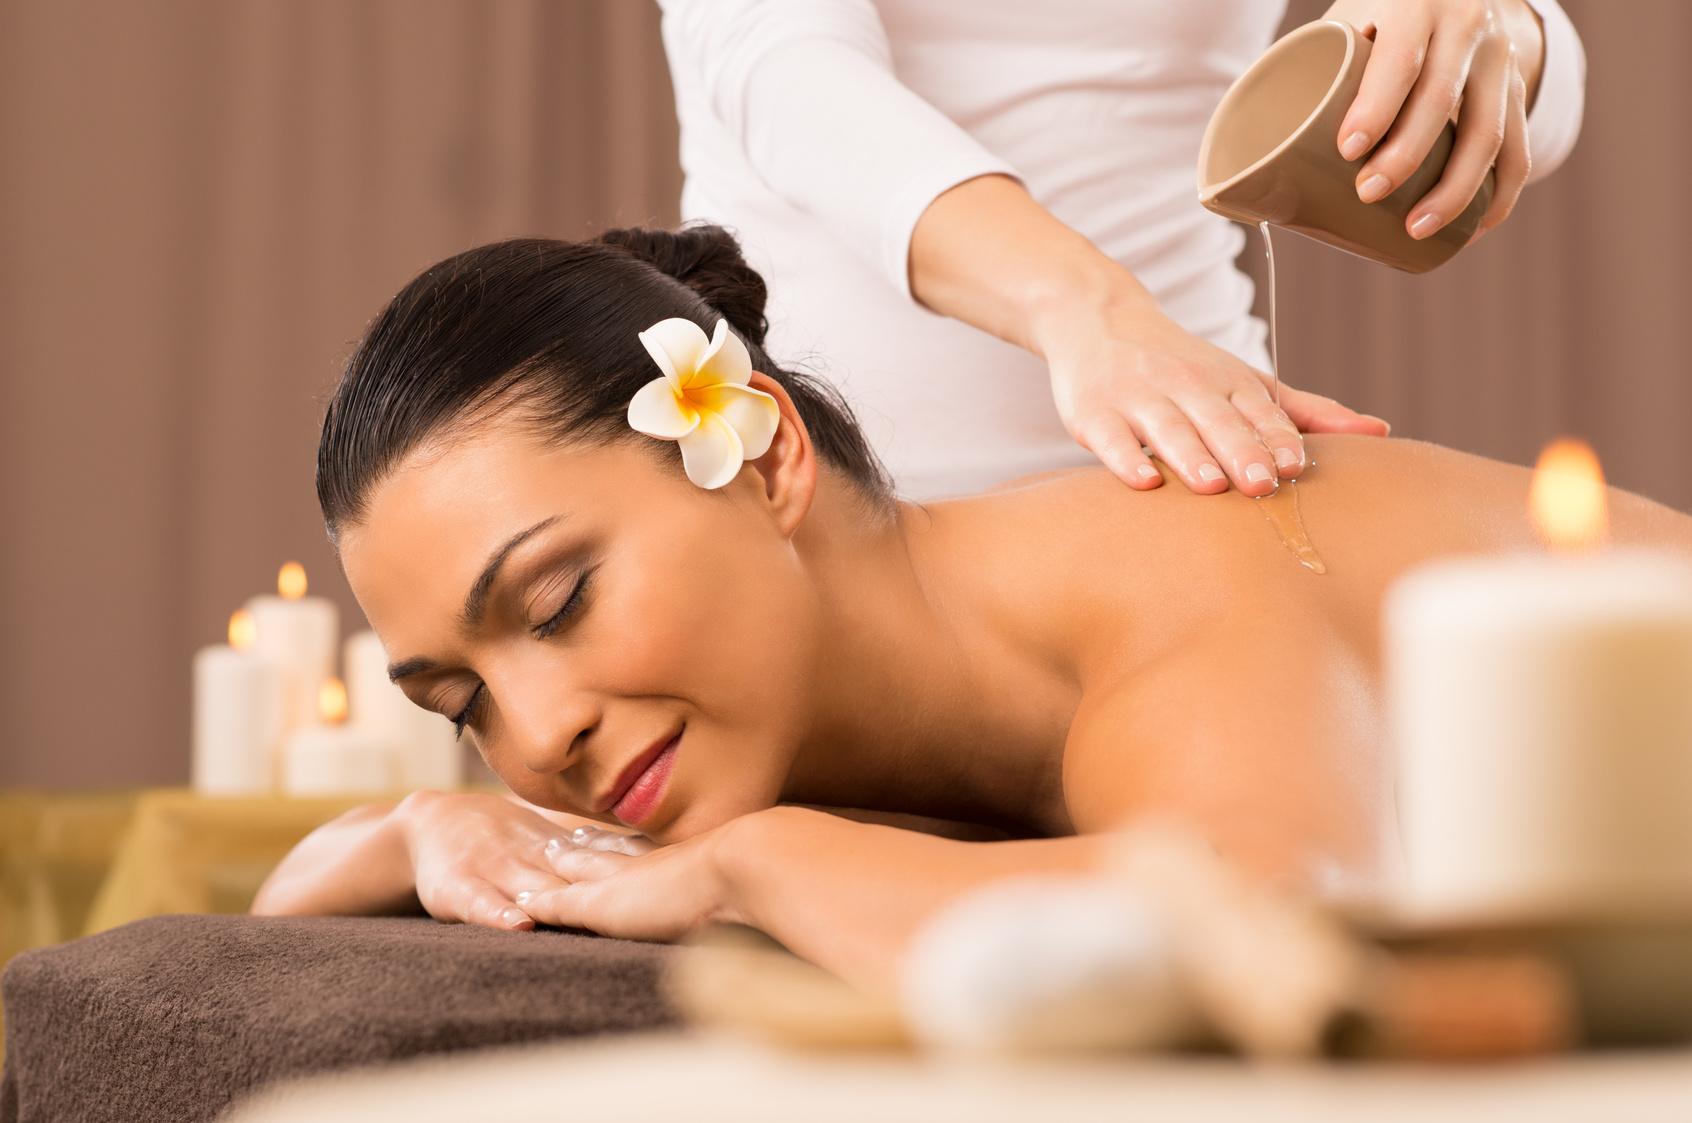 trattamenti corpo massaggi quartiere africano roma